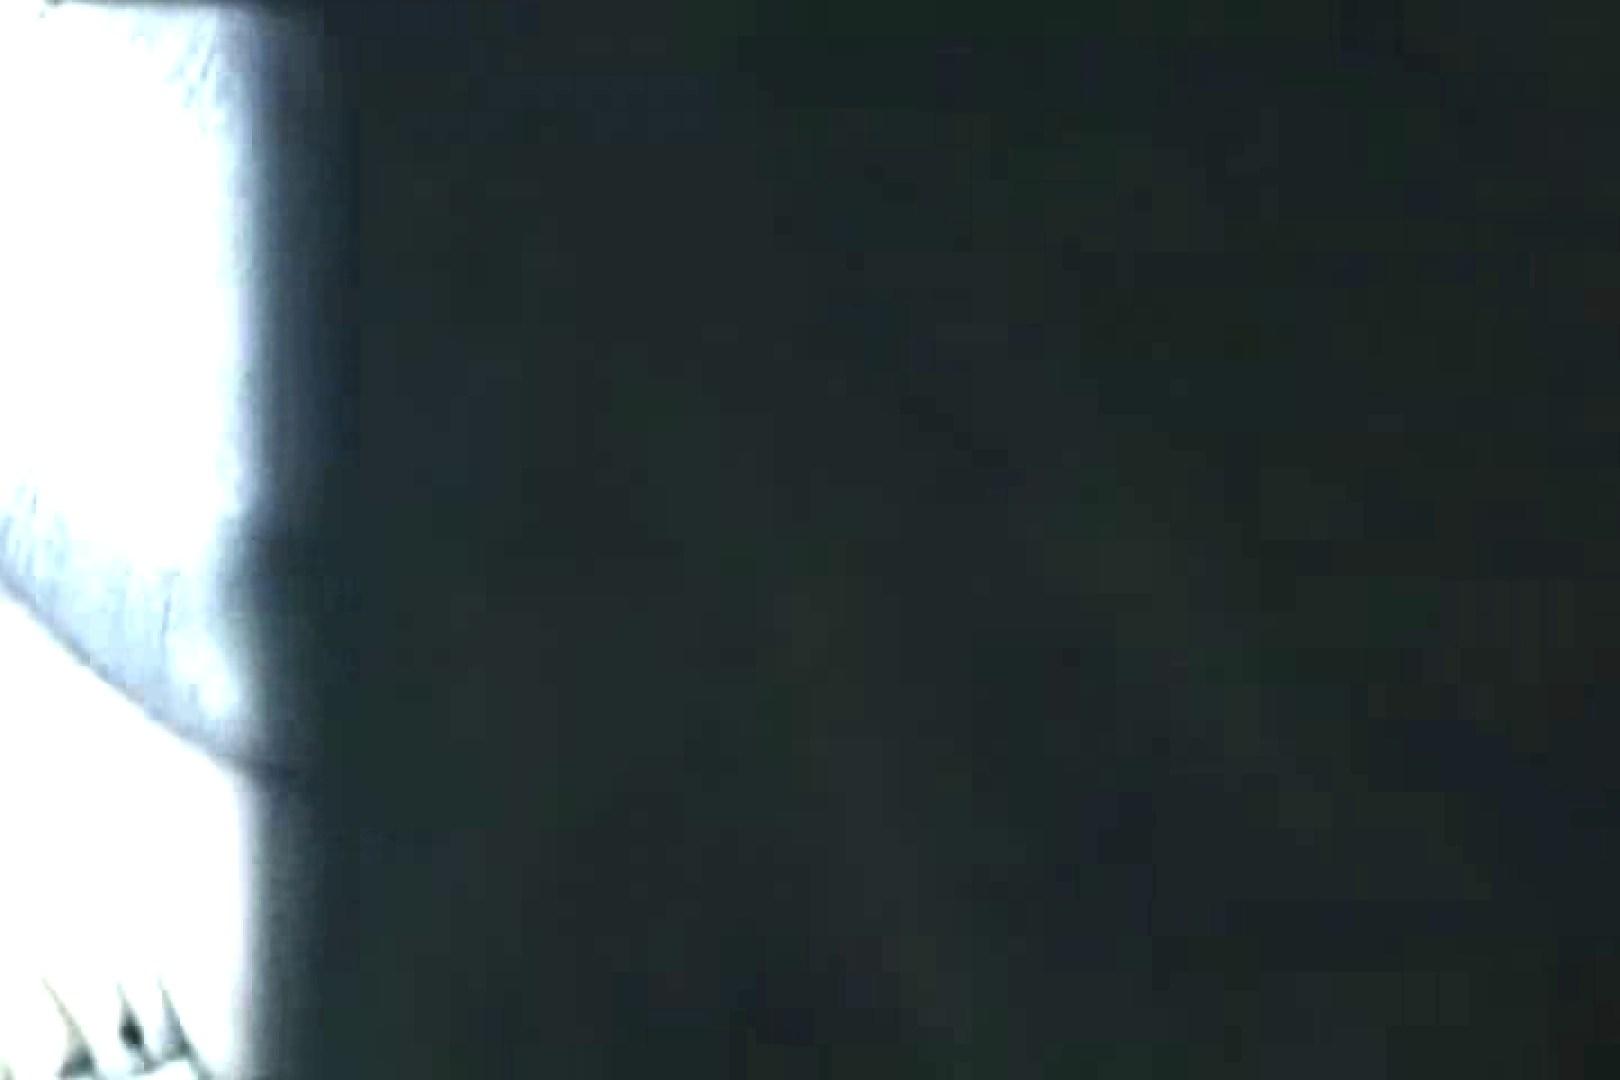 ぼっとん洗面所スペシャルVol.1 エロティックなOL  71画像 24